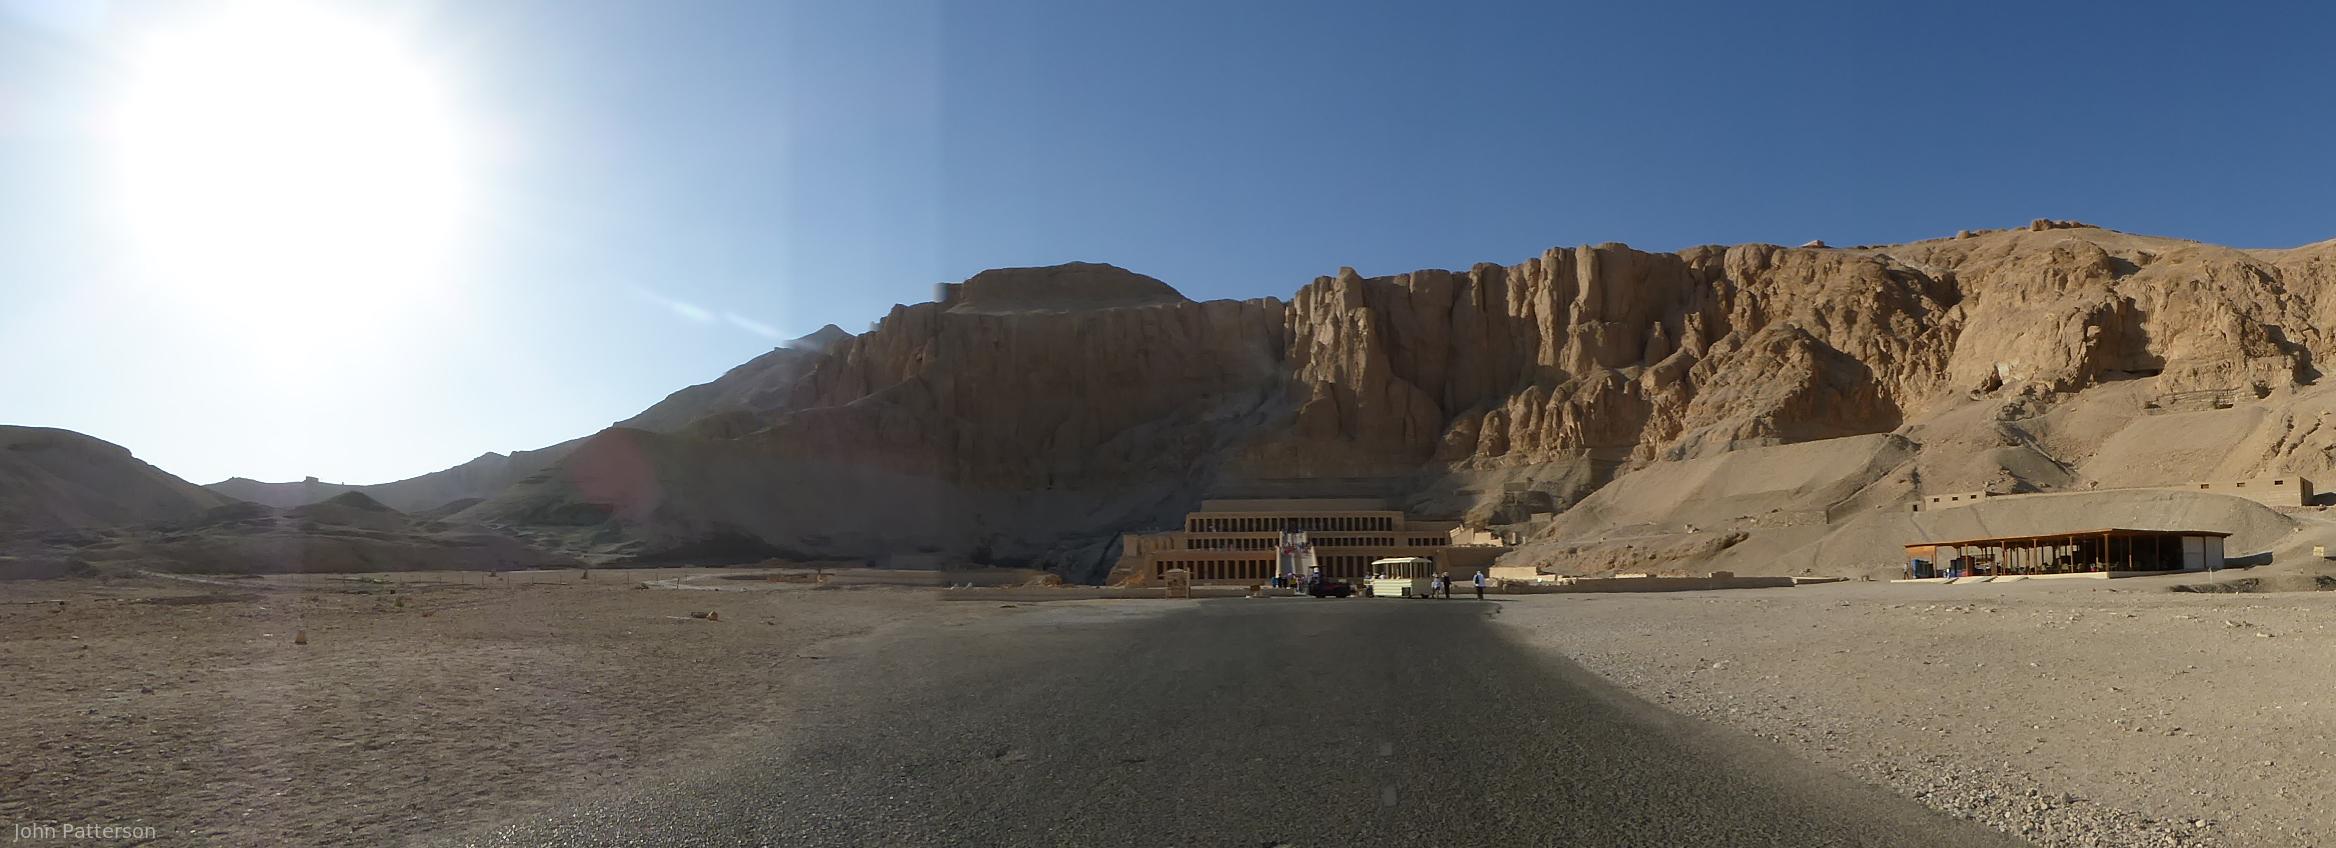 Deir el-Bahri